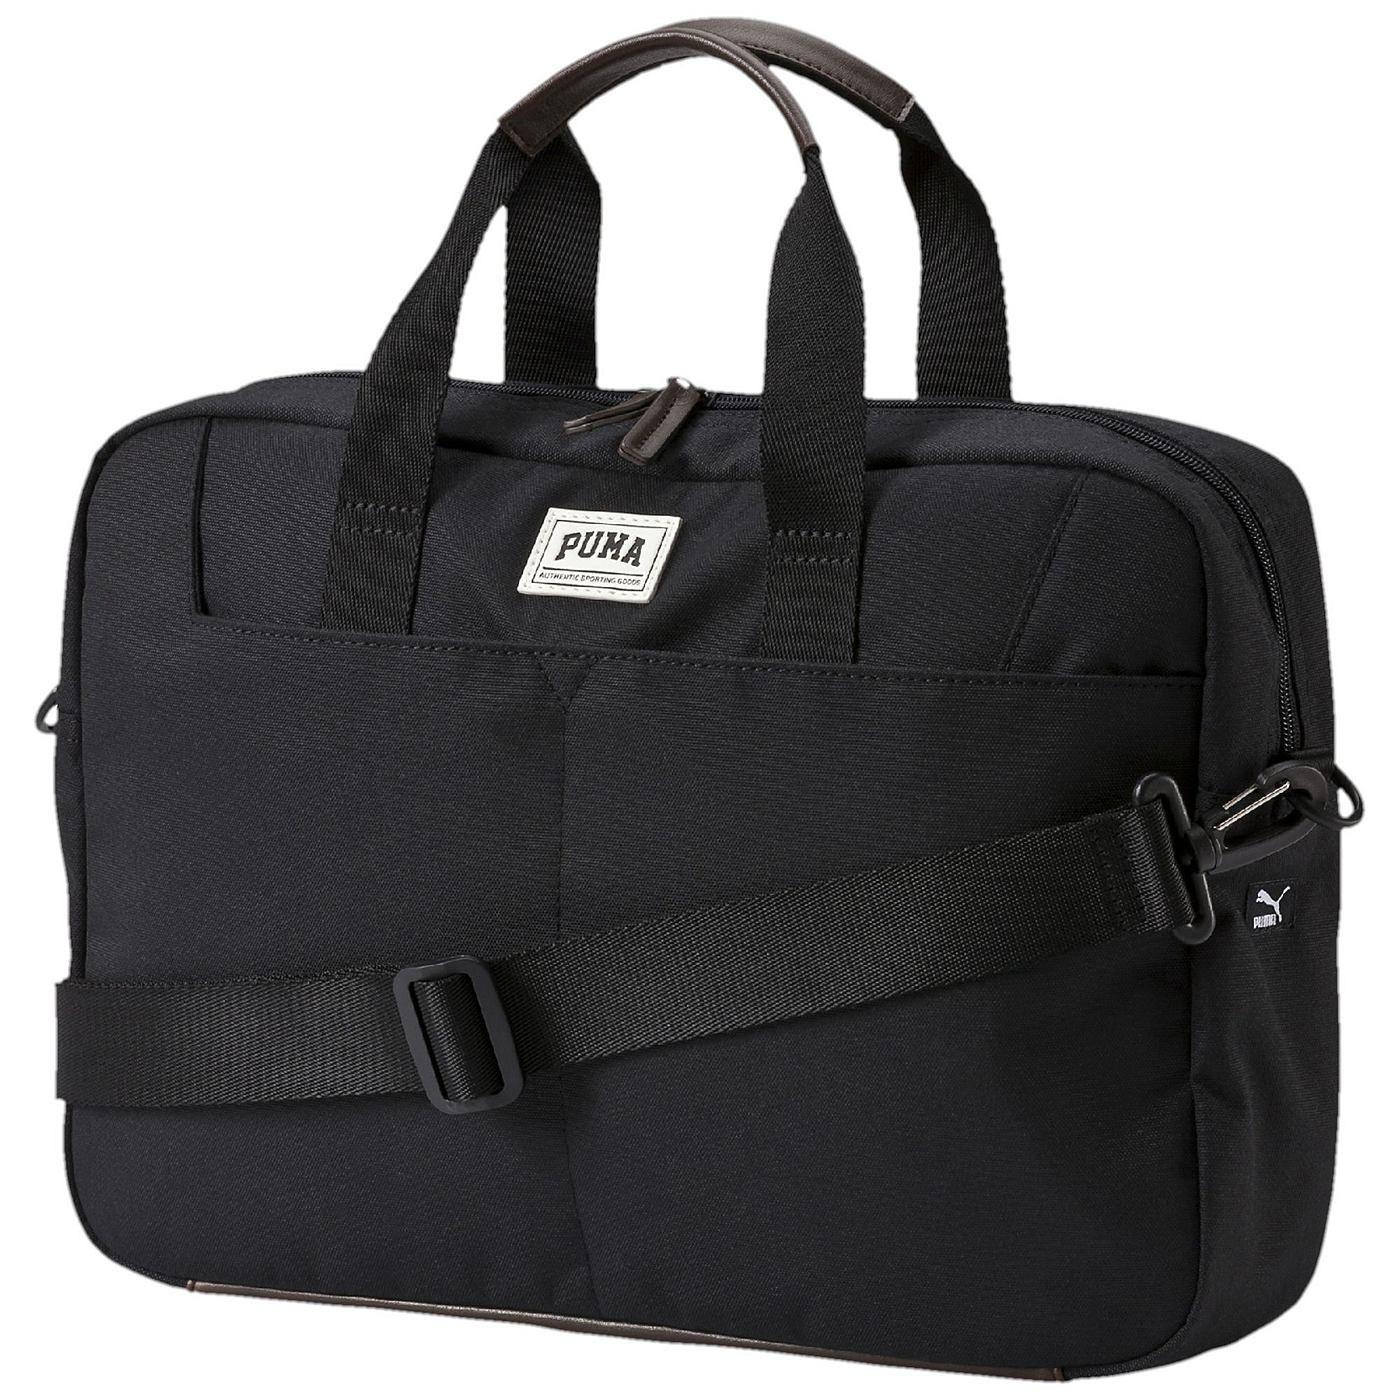 Attache-Tasche    Unsere Aktentasche ist die ideale Lösung für deinen Alltag in der Universität oder im Büro....